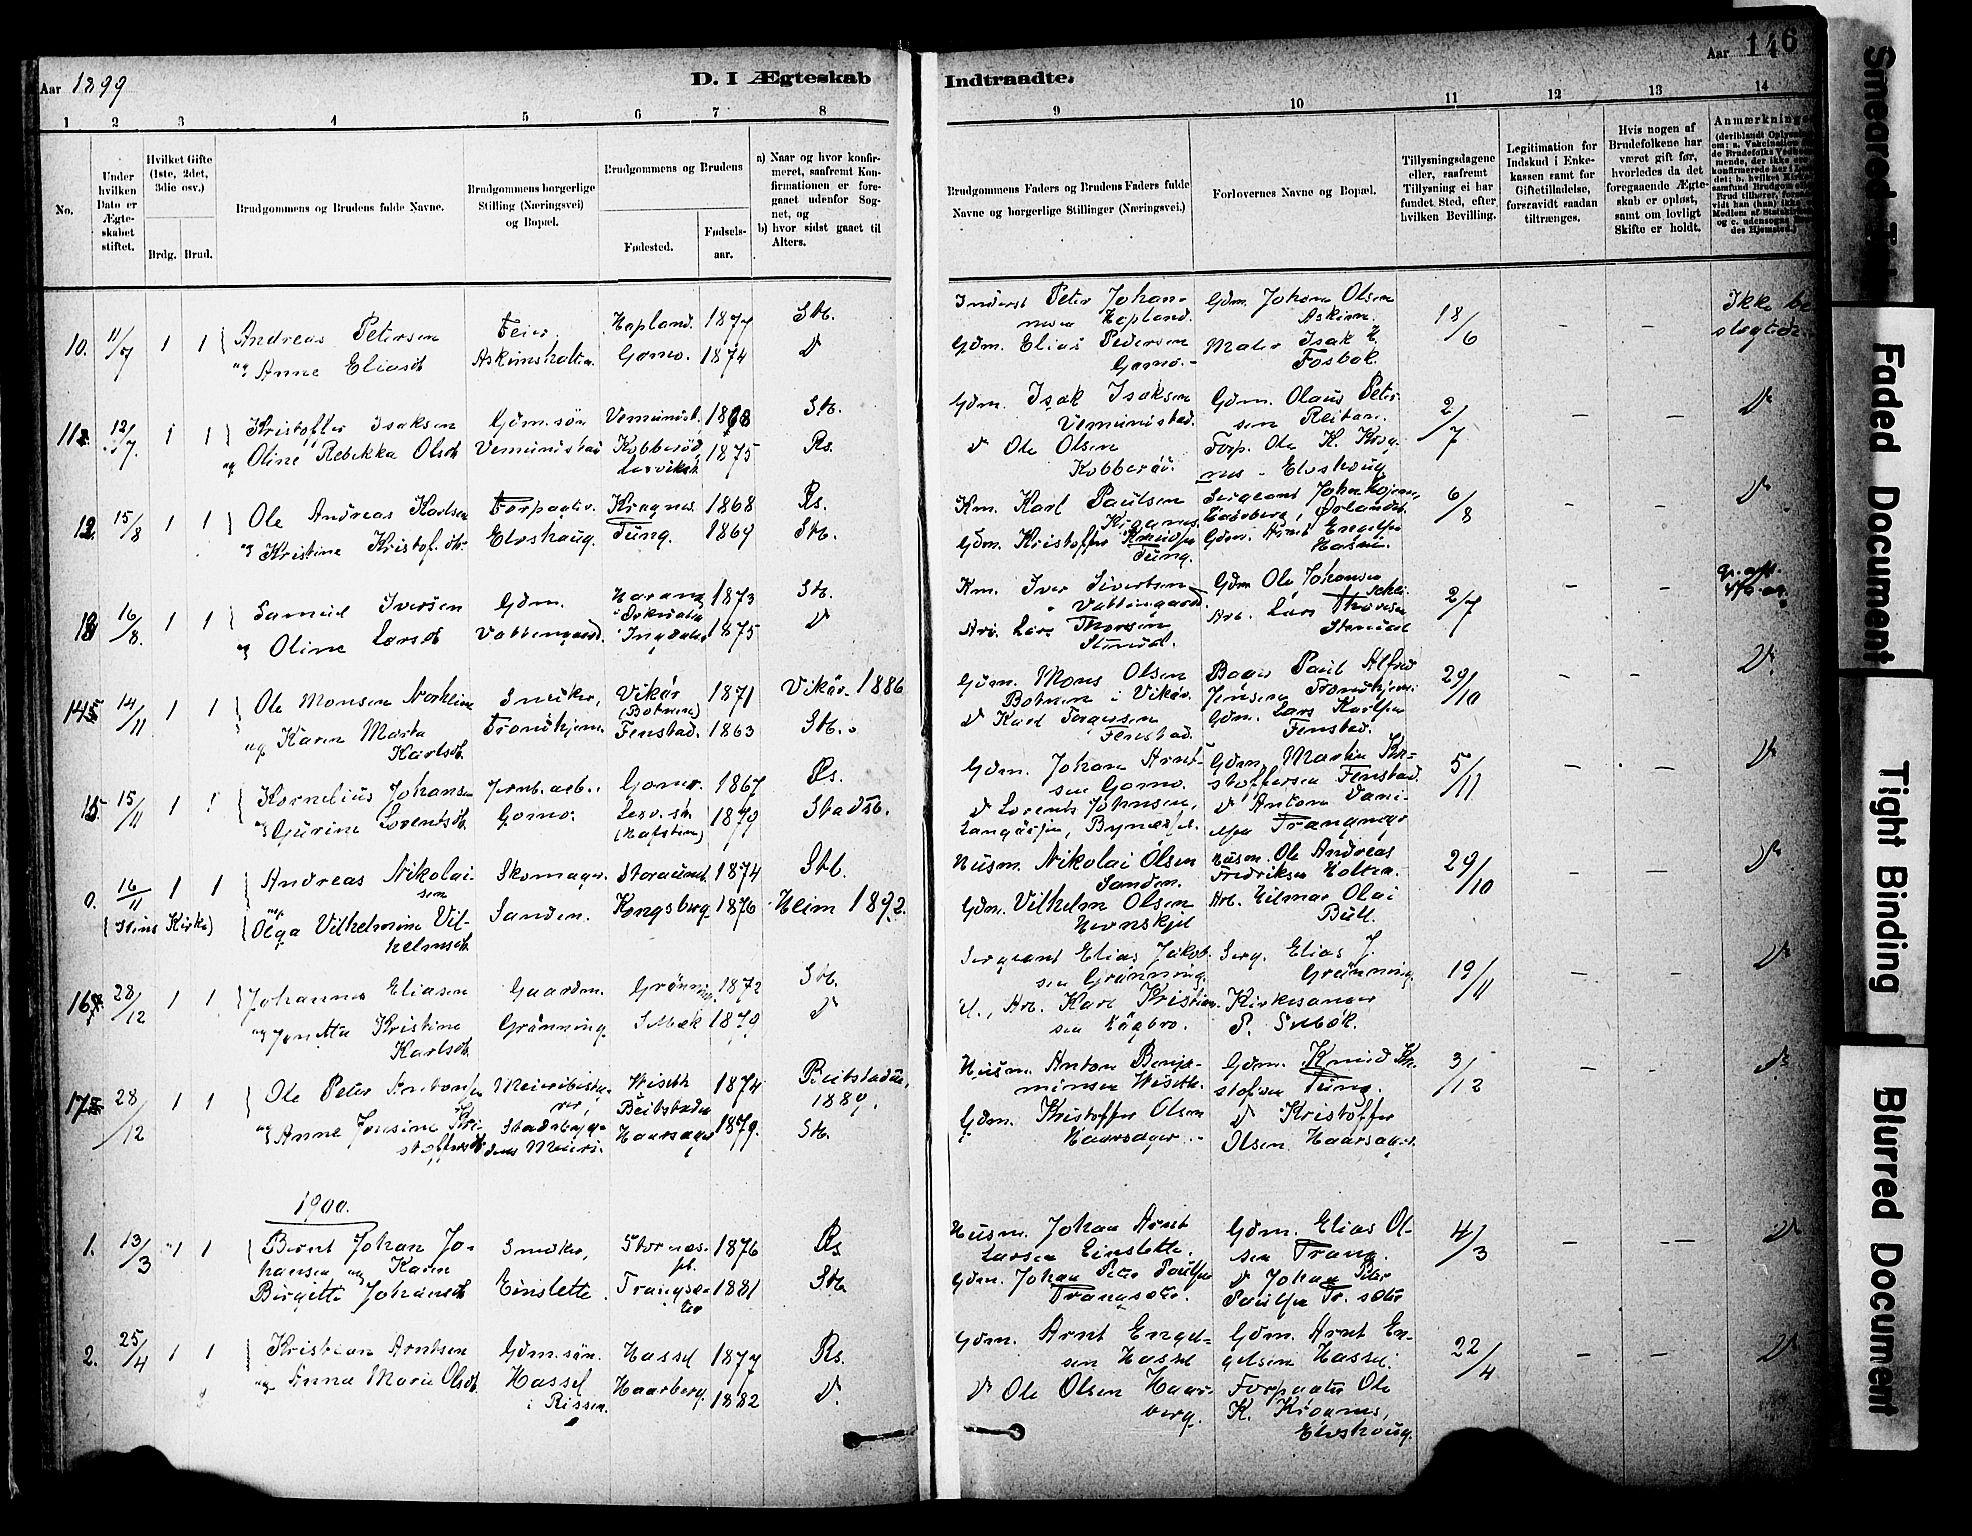 SAT, Ministerialprotokoller, klokkerbøker og fødselsregistre - Sør-Trøndelag, 646/L0615: Ministerialbok nr. 646A13, 1885-1900, s. 146